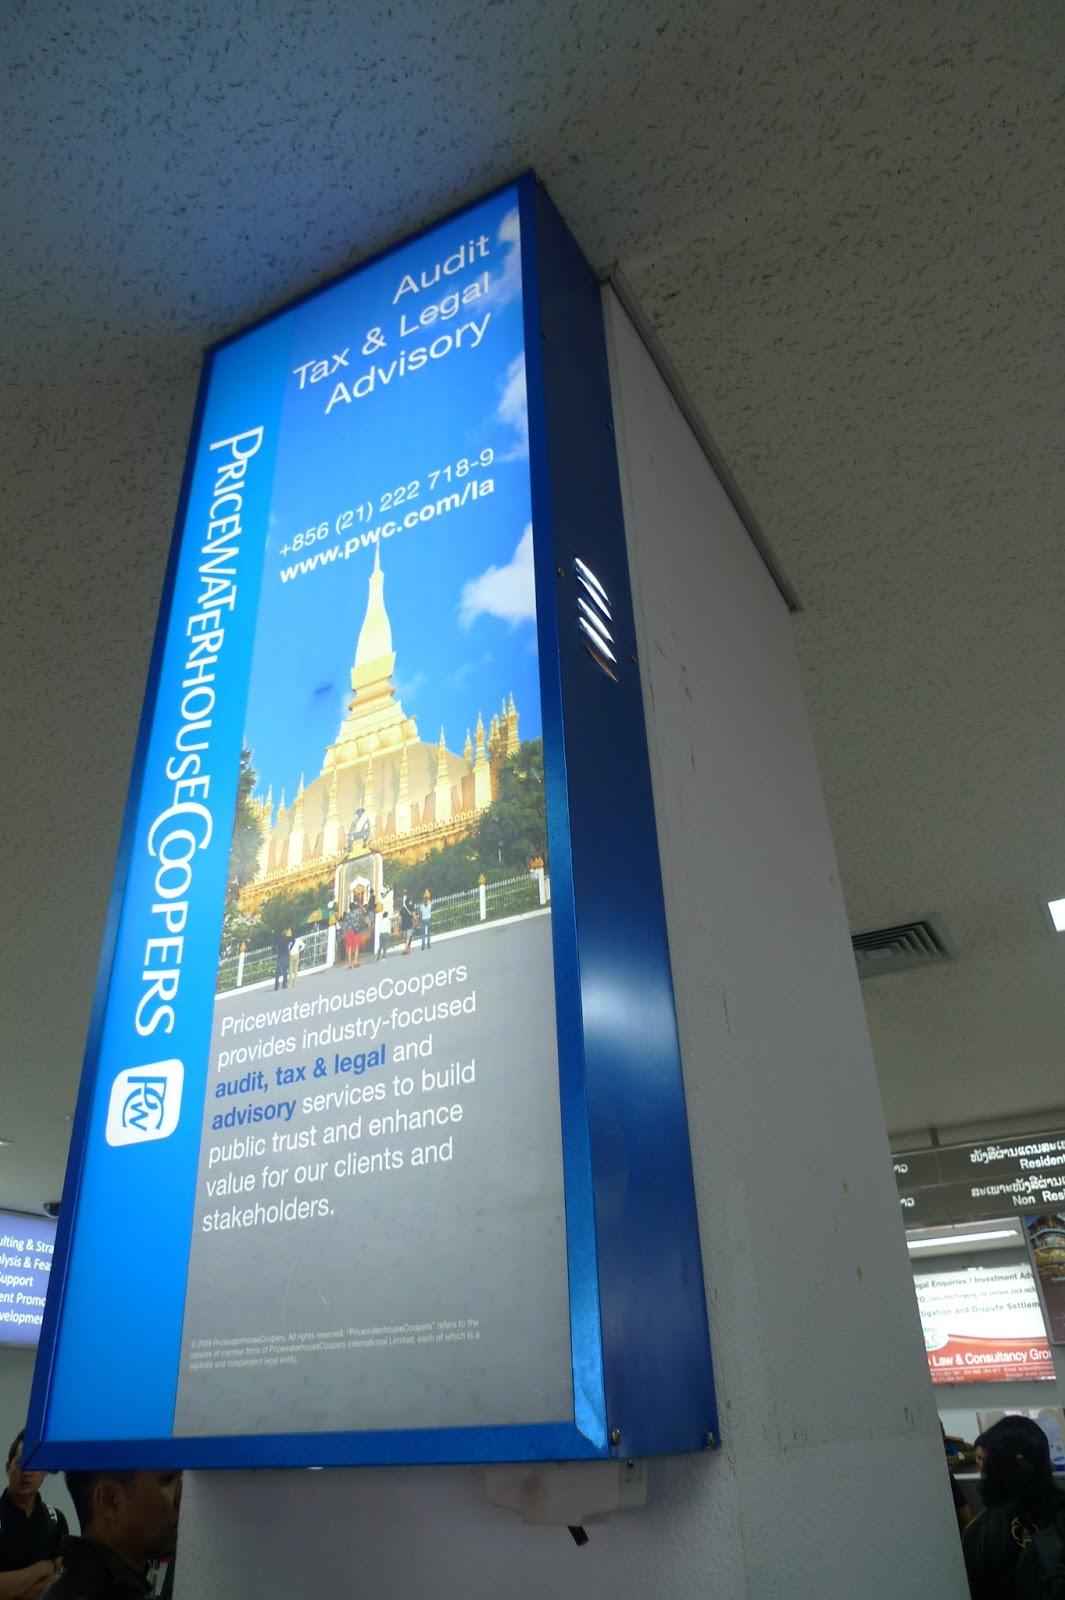 把我的脚印留在世界各地**: Vientiane trip – 19 Jan 13